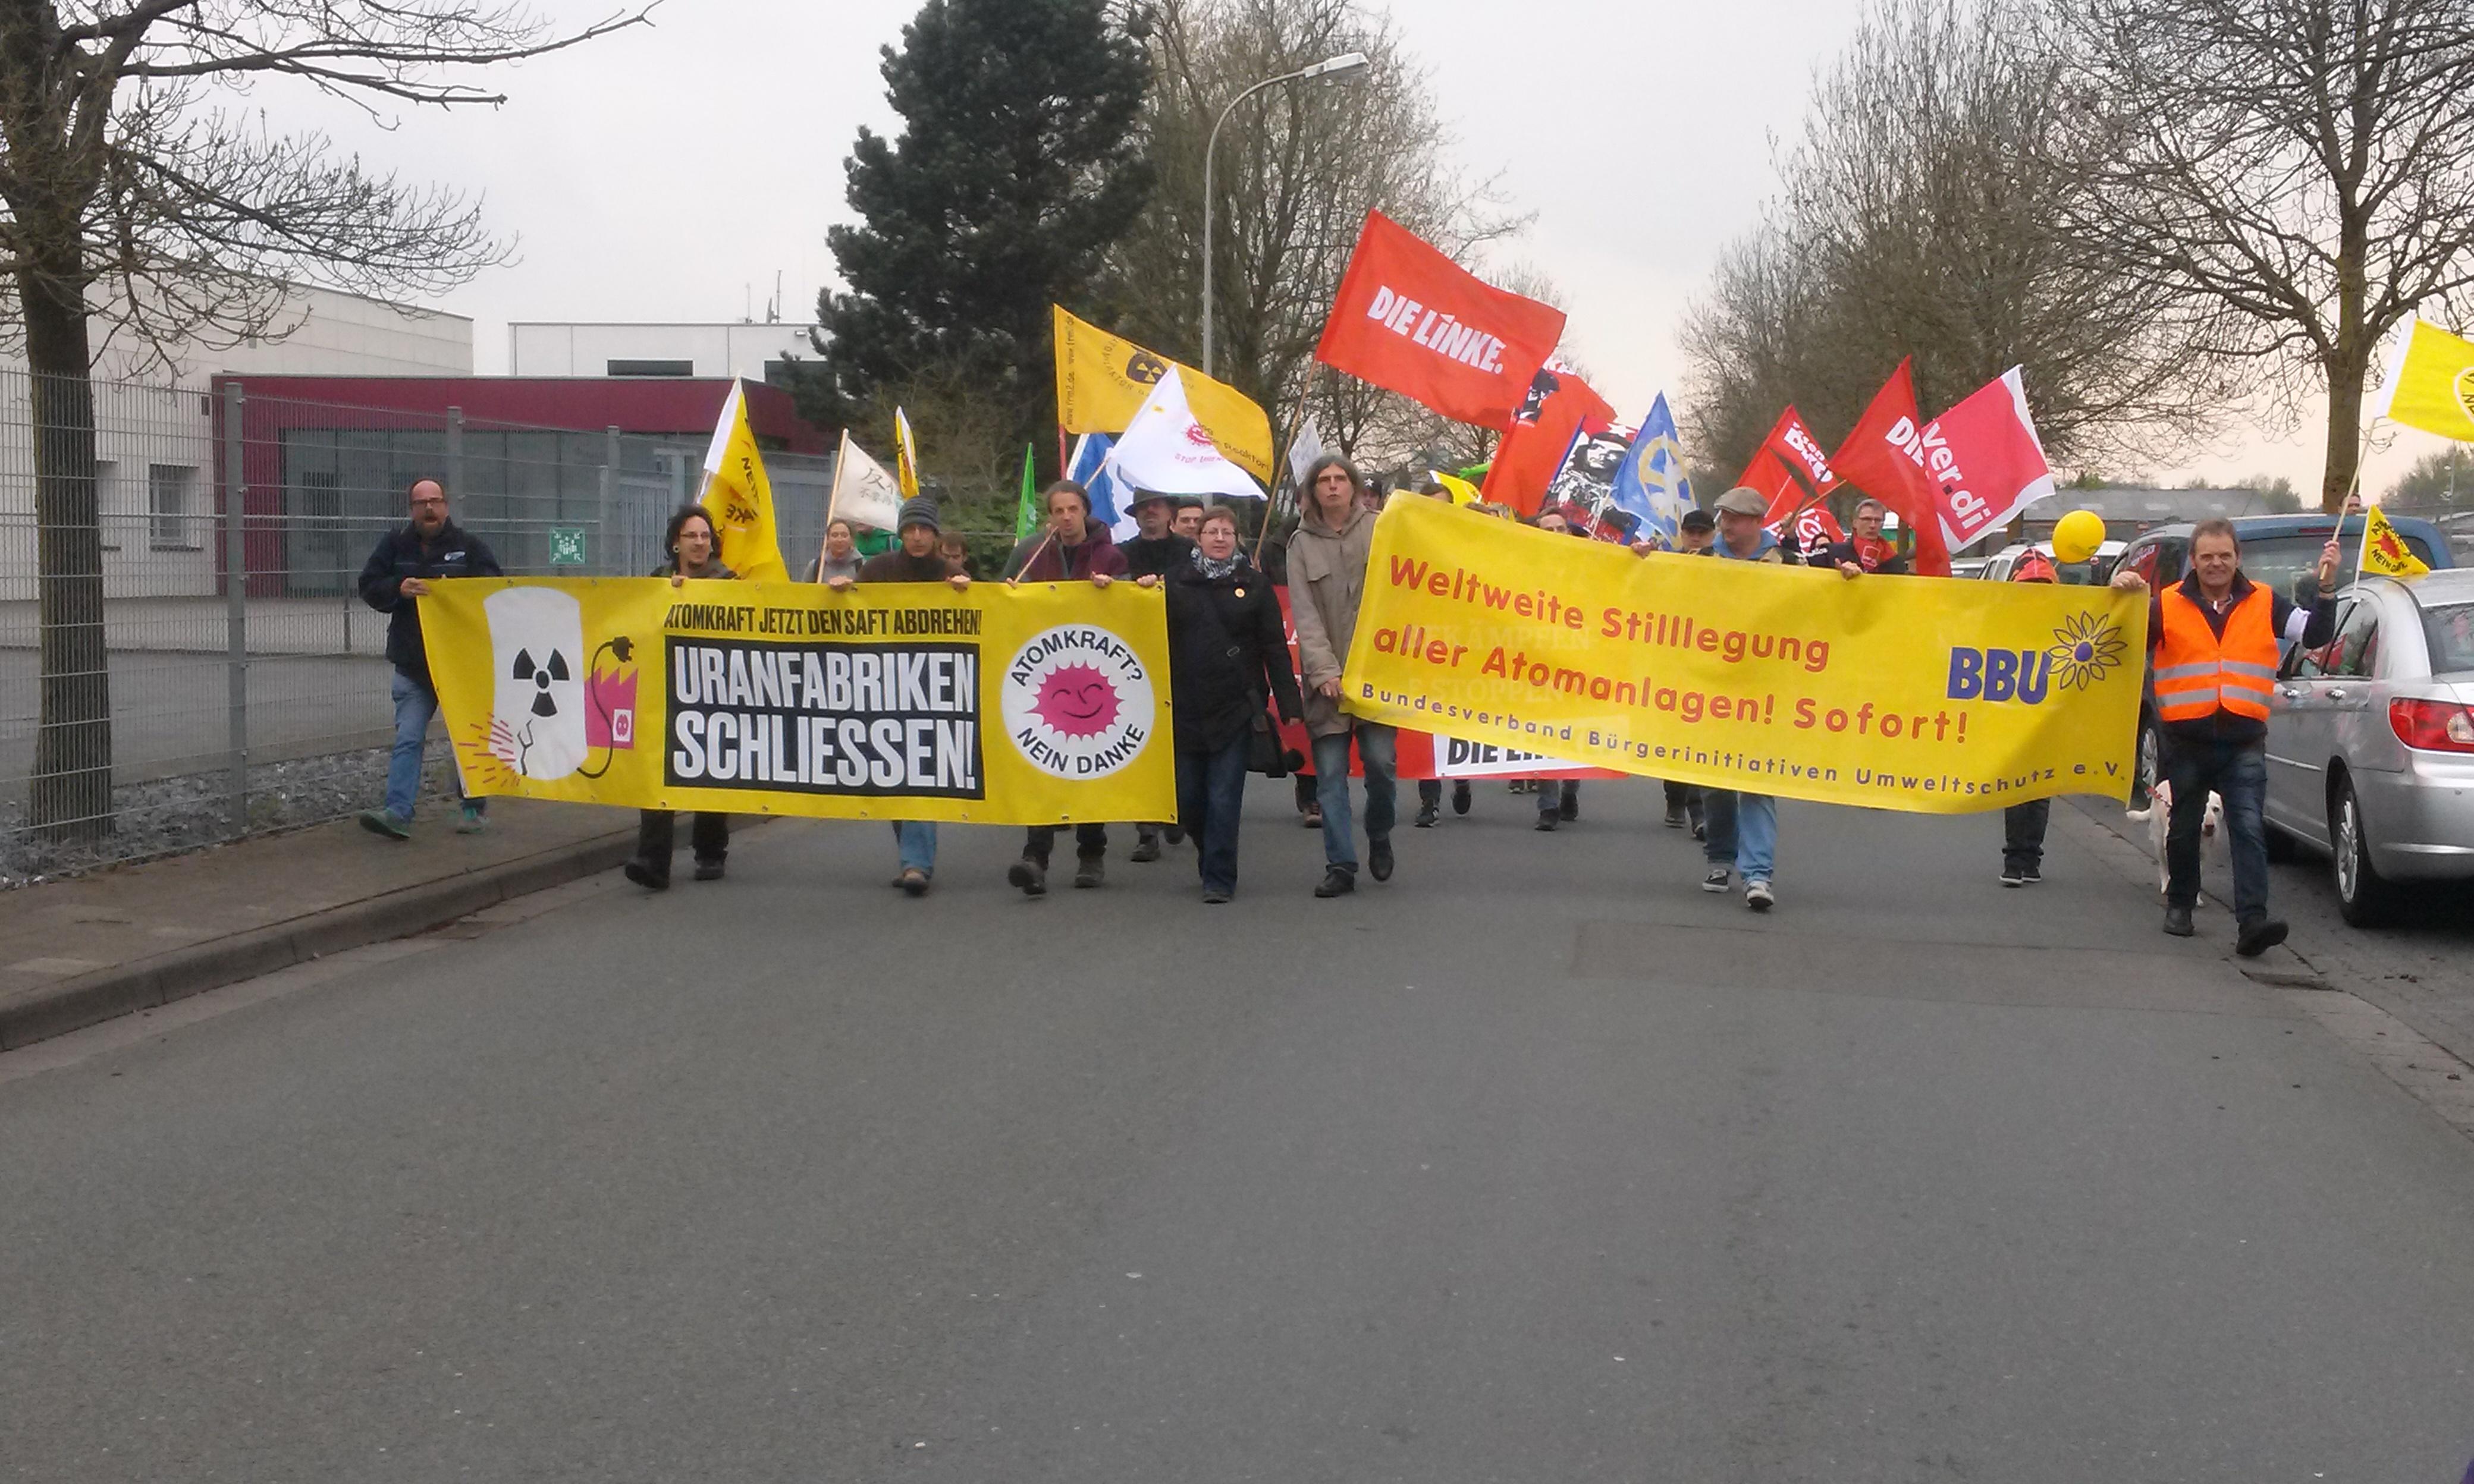 Bildergebnis für fotos von der ostermarsch demo des bbu am 30.03.18 in gronau